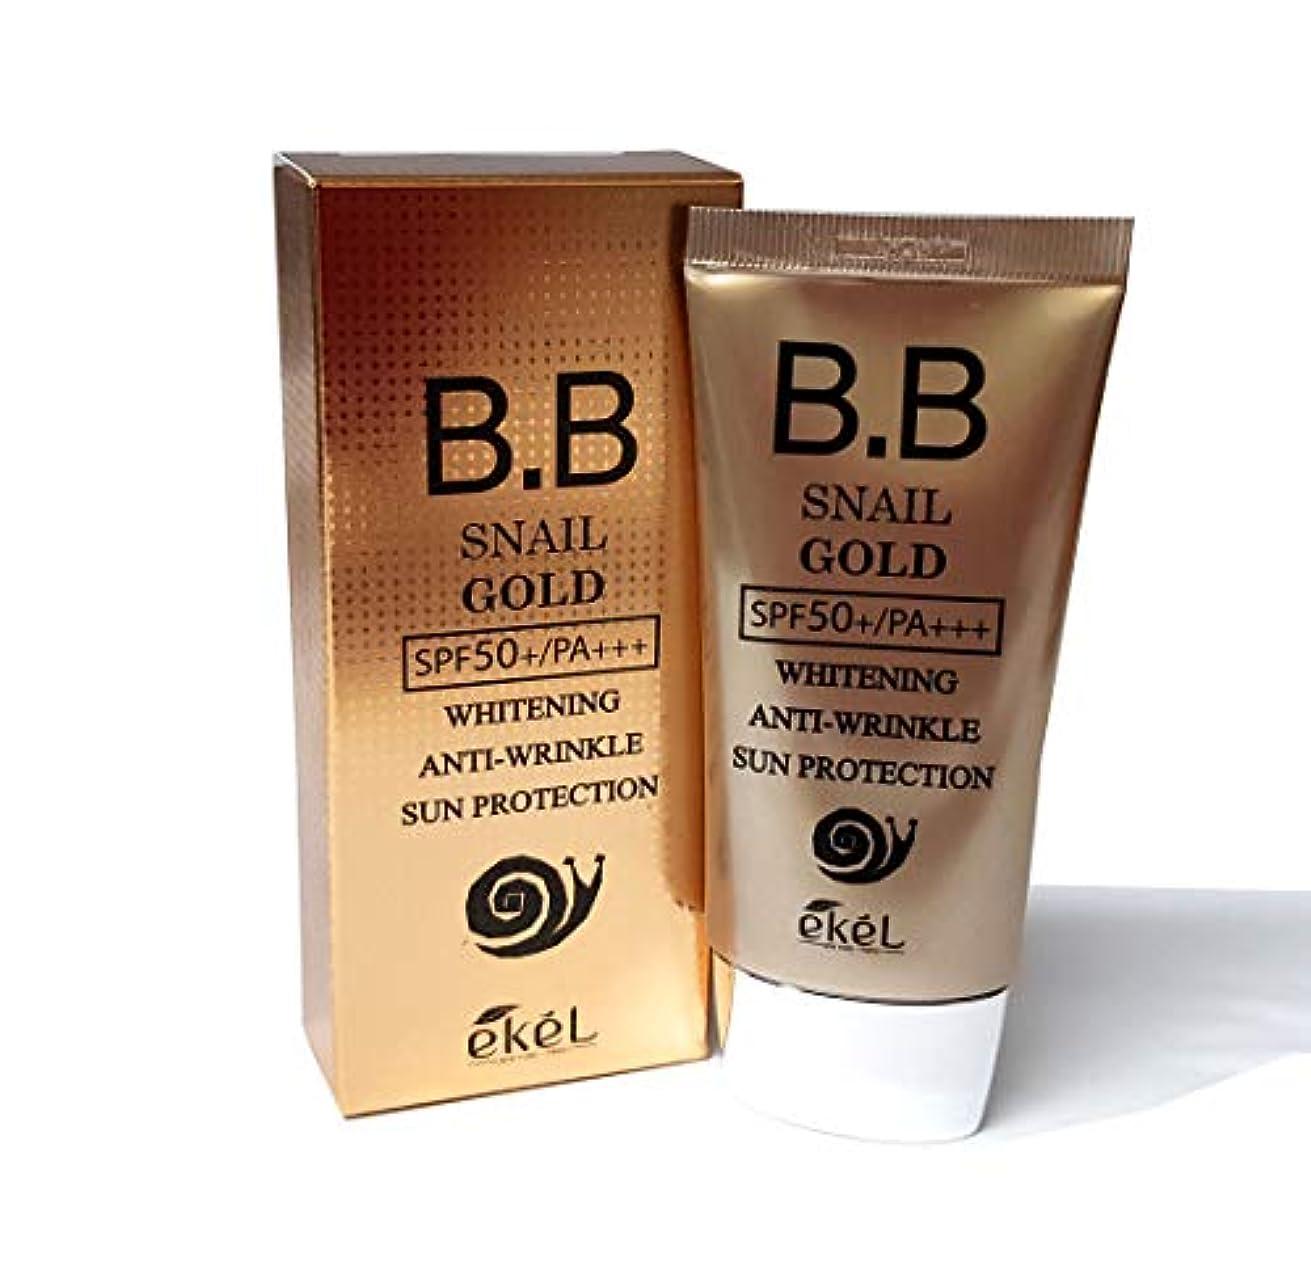 緩む精査するブラウザ[Ekel] カタツムリゴールドBB 50ml SPF50 + PA +++ / Snail Gold BB 50ml SPF50+PA+++ /ホワイトニング、UVカット/Whitening,UV protection...